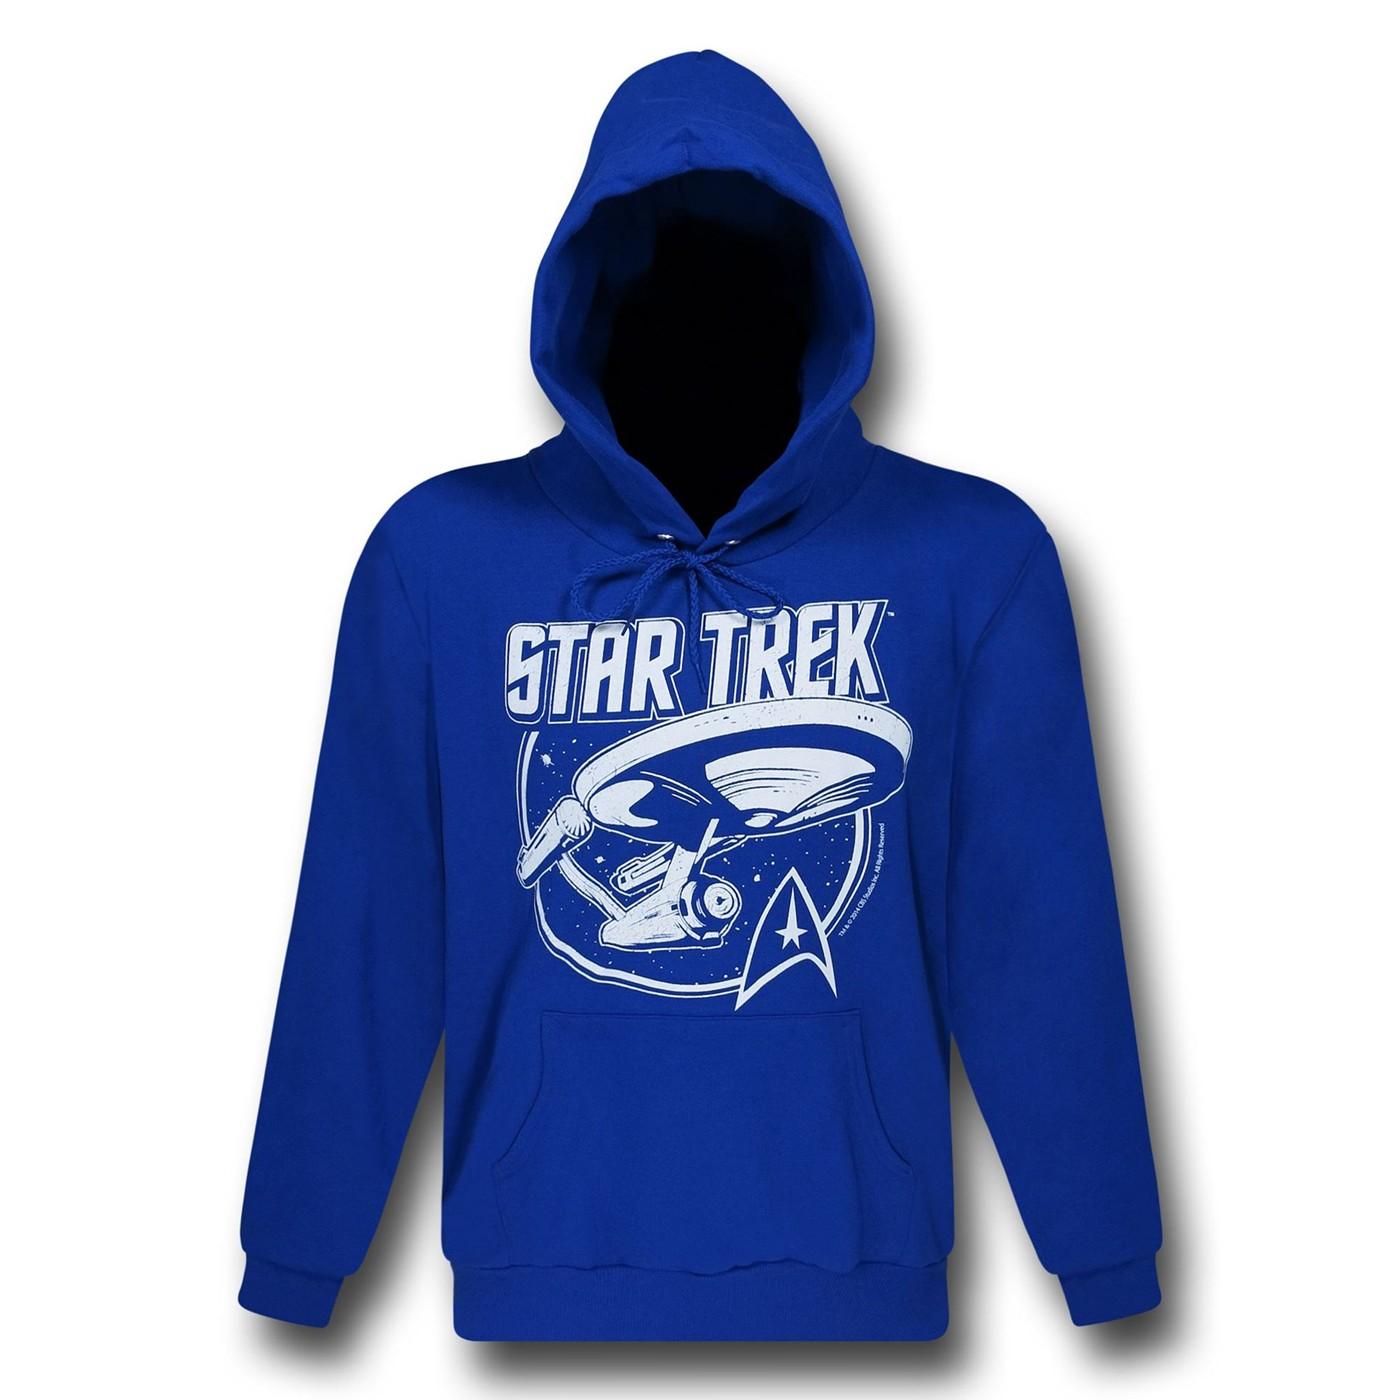 Star Trek Enterprise Blue Hoodie